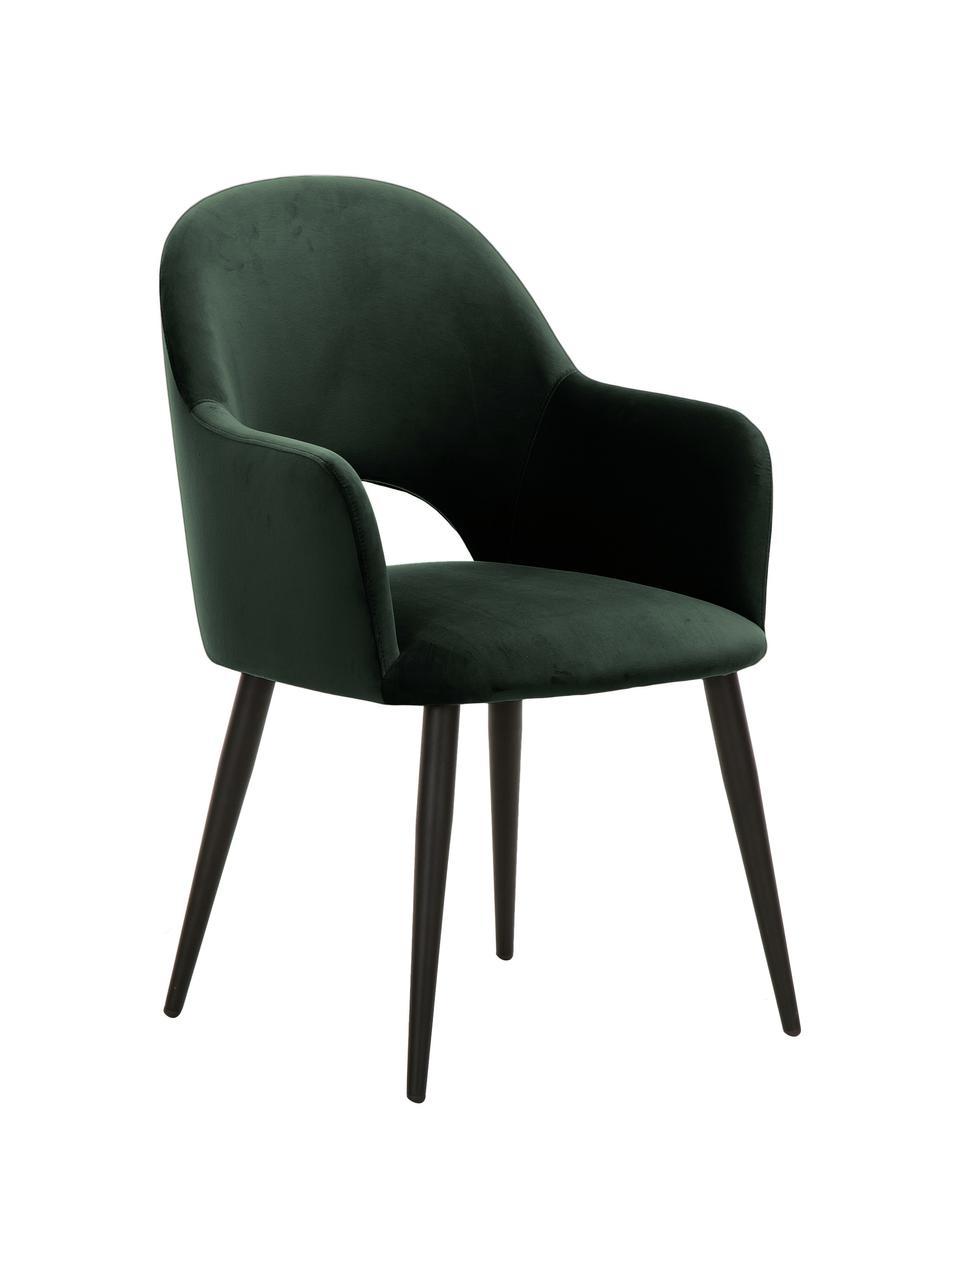 Sedia con braccioli in velluto verde scuro Rachel, Rivestimento: velluto (poliestere) Il r, Gambe: metallo verniciato a polv, Velluto verde scuro, Larg. 64 x Prof. 47 cm